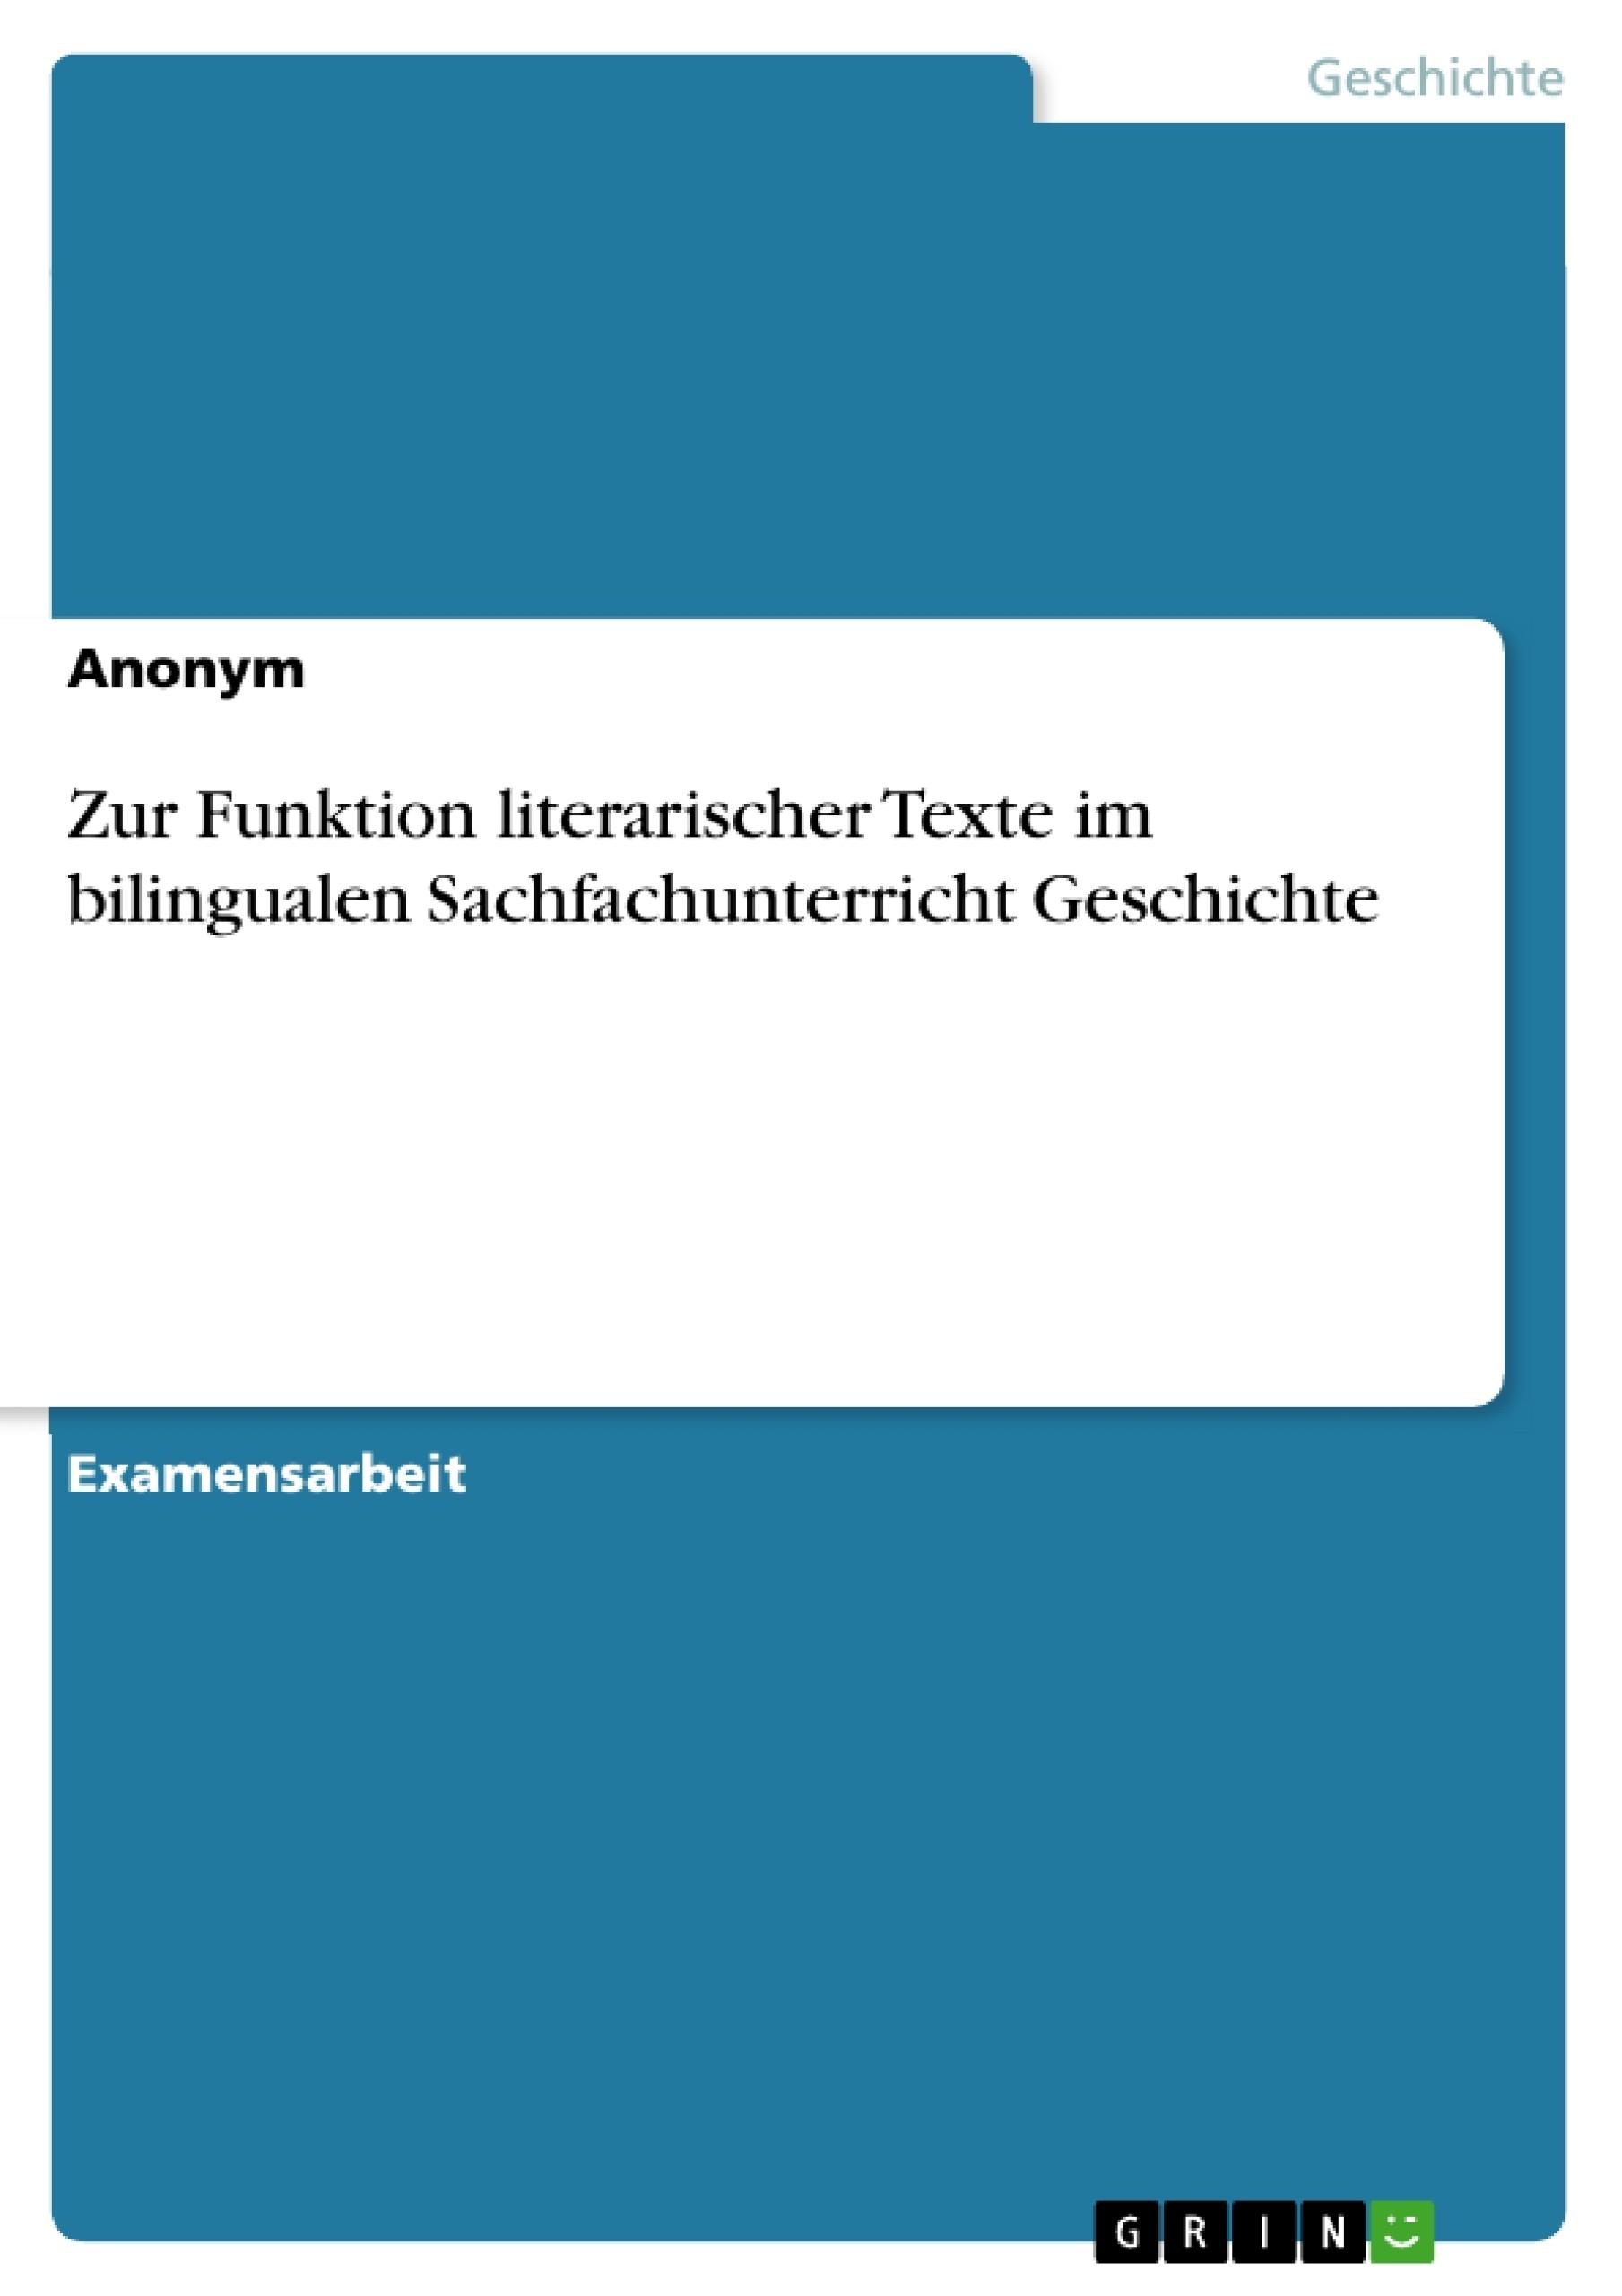 Titel: Zur Funktion literarischer Texte im bilingualen Sachfachunterricht Geschichte